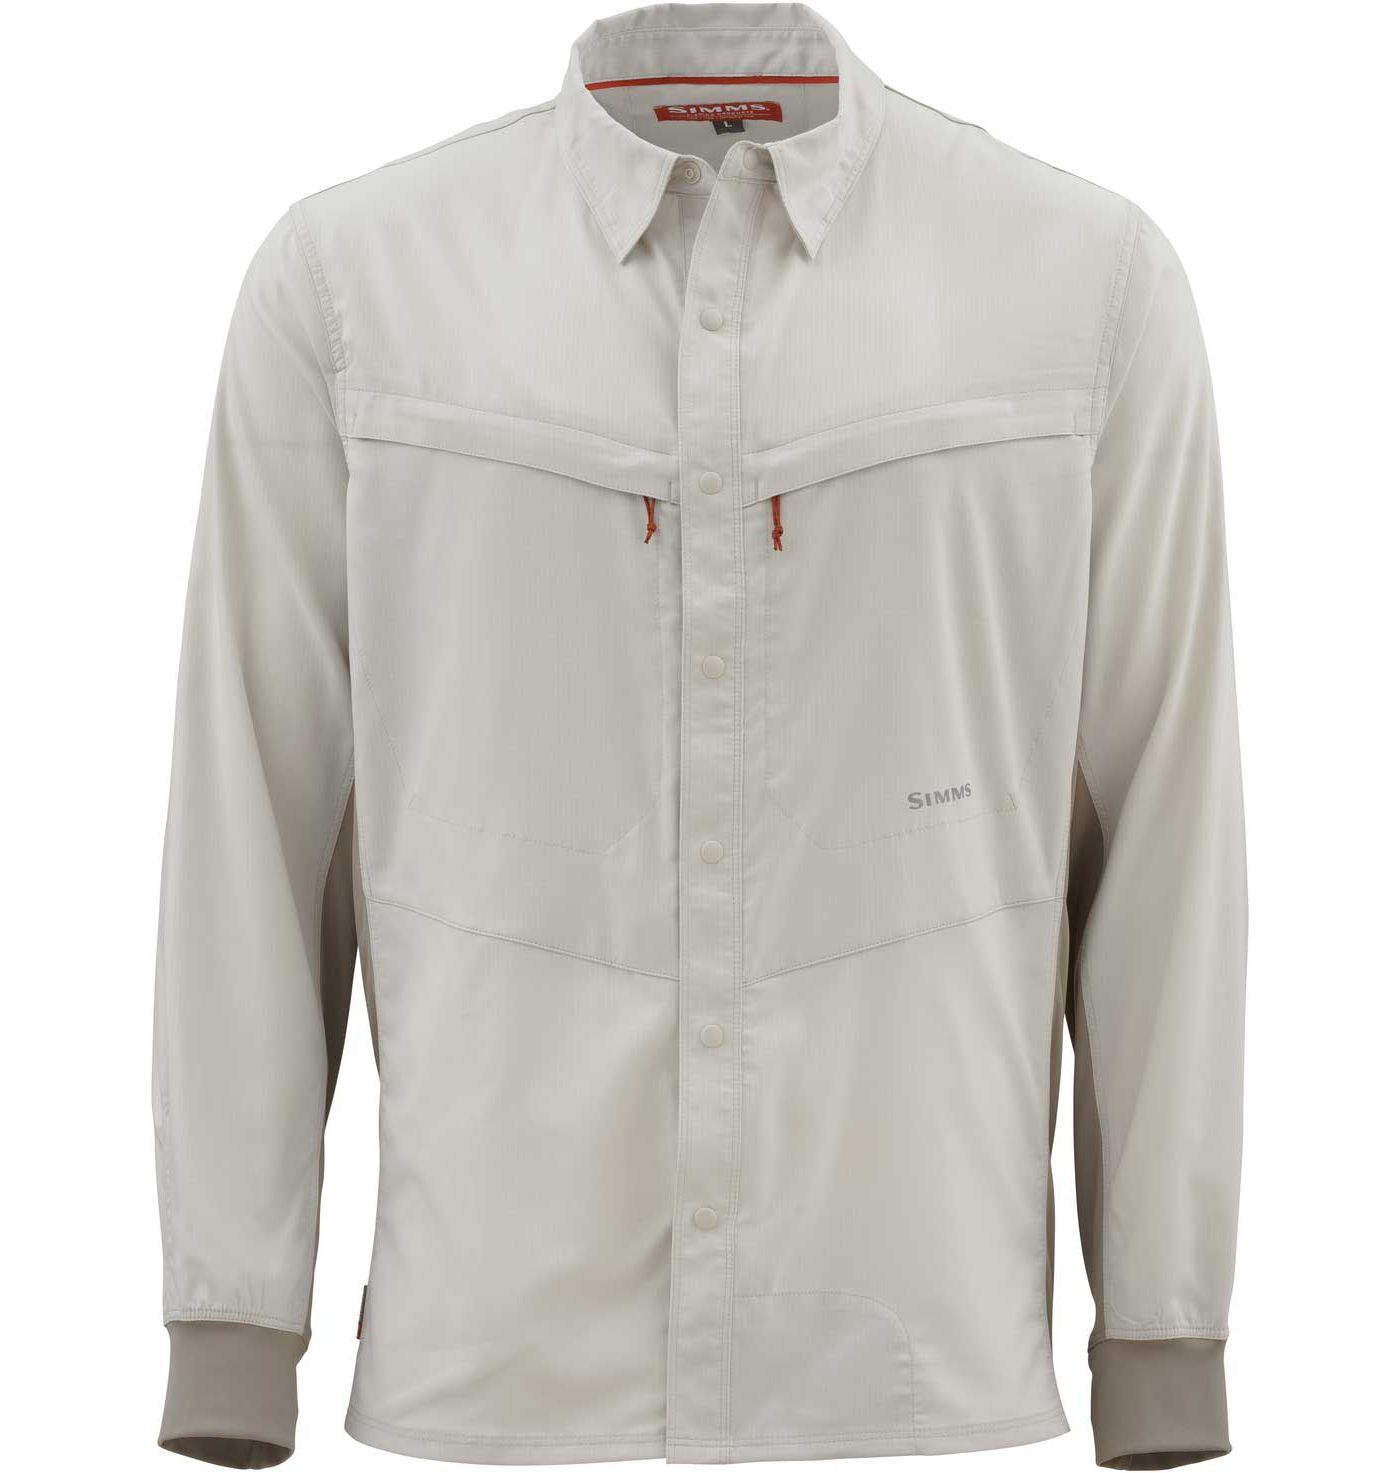 Simms Men's Intruder BiComp Long Sleeve Shirt